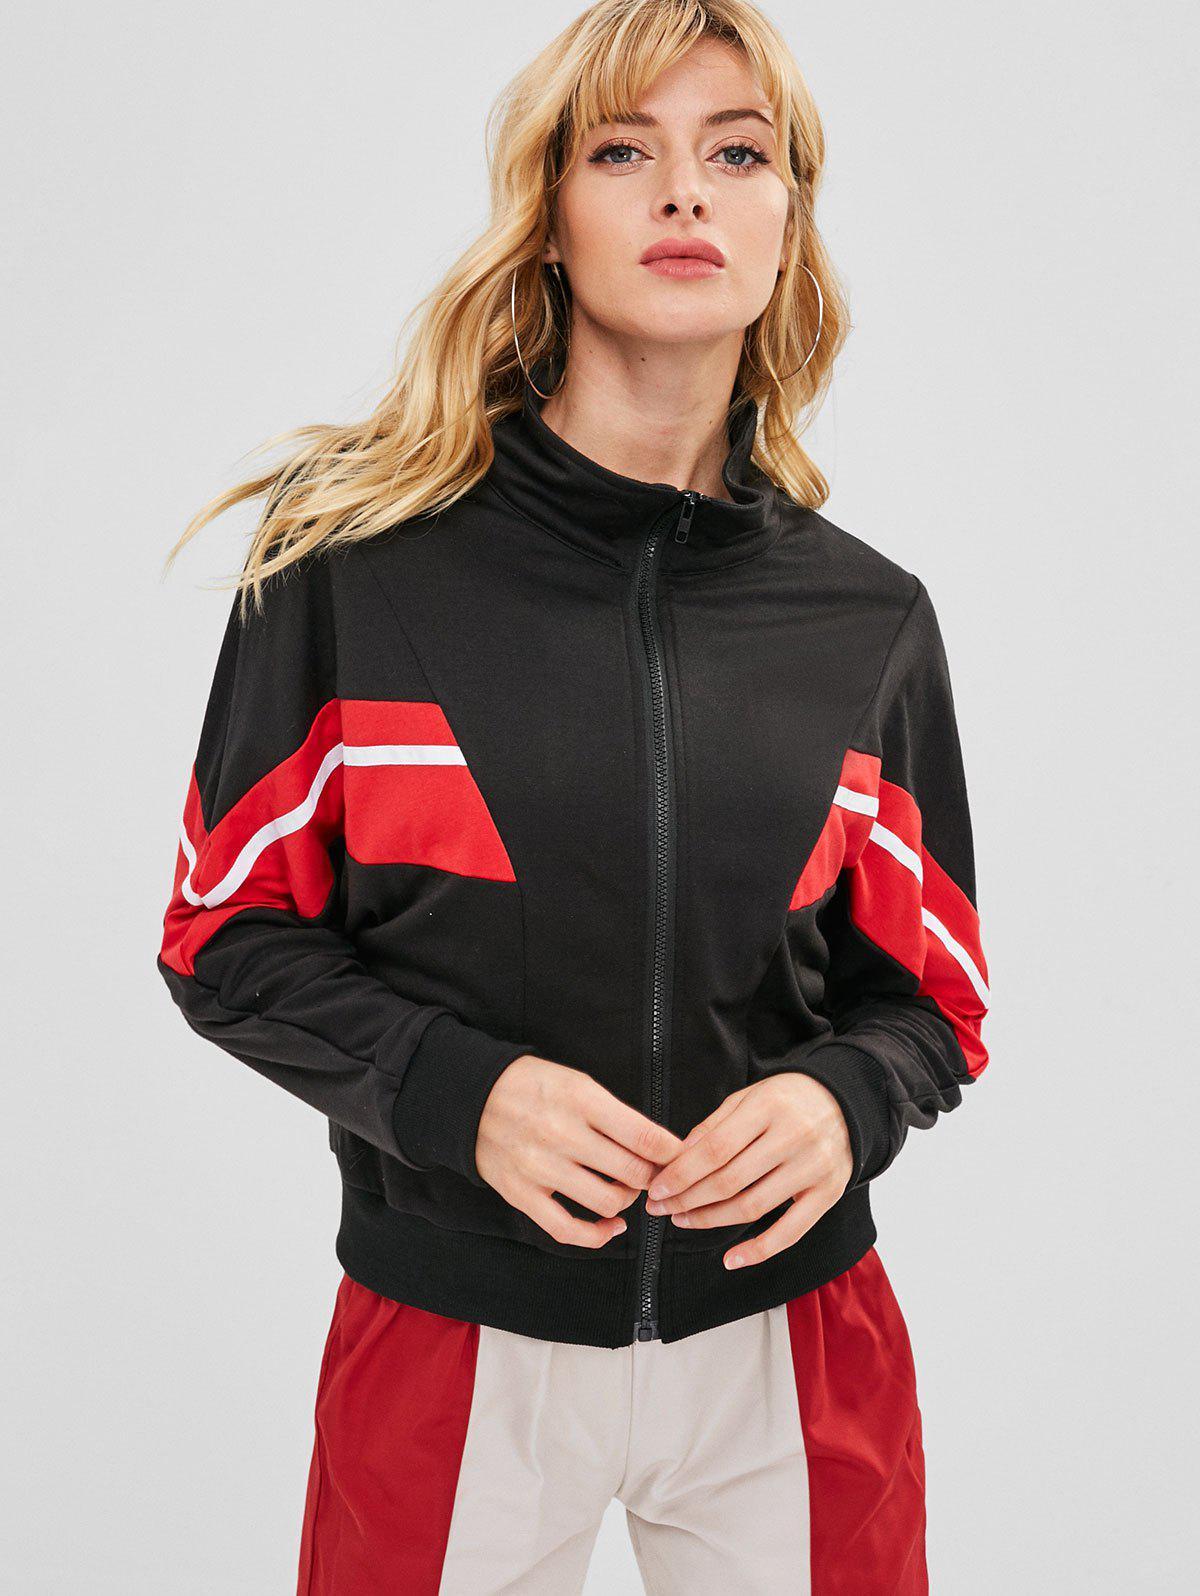 ZAFUL Contrast Stripes Zip Up Jacket